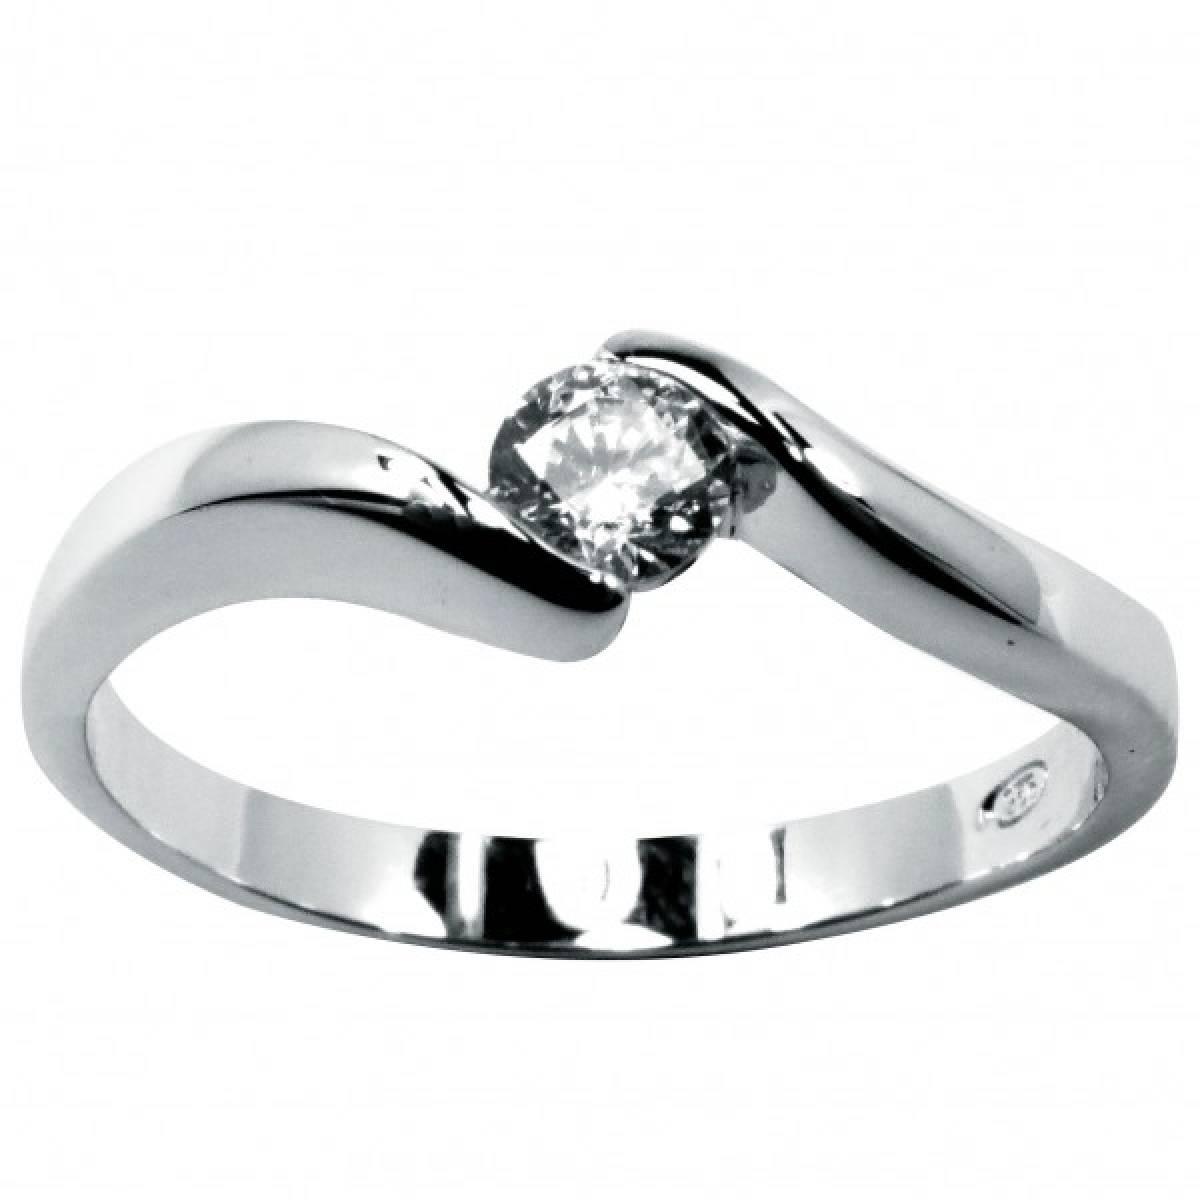 Anel de Noivado com diamante ou zircónia, em ouro de 9 e 19,2 kts